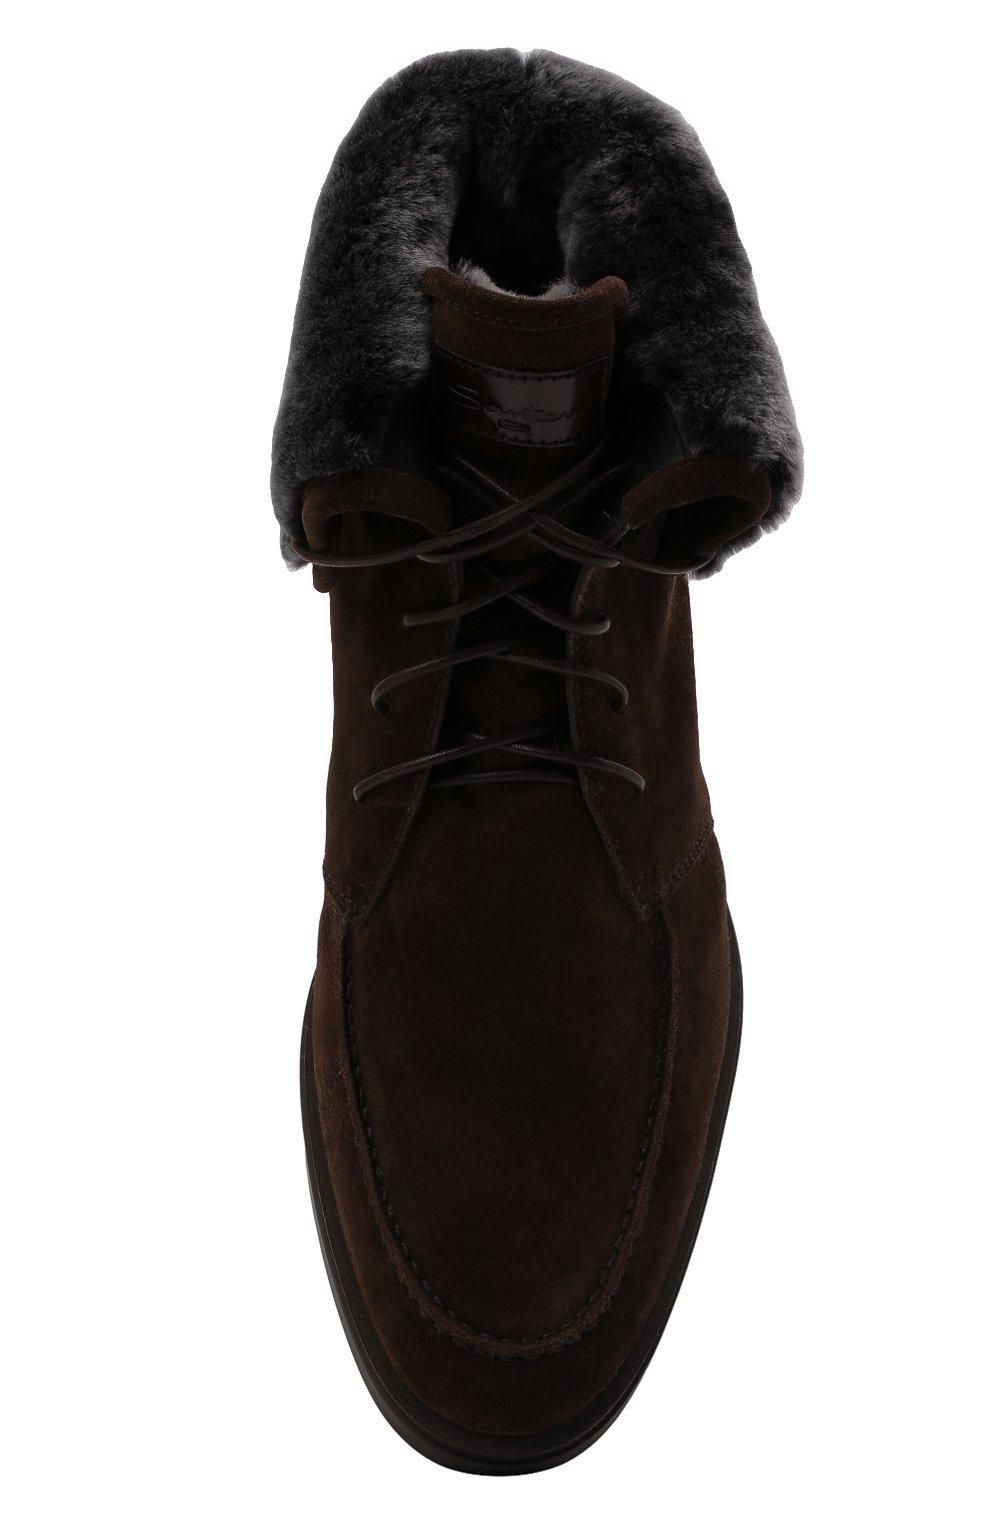 Мужские замшевые ботинки SANTONI темно-коричневого цвета, арт. MGDG17891DATASVUT50   Фото 5 (Материал утеплителя: Натуральный мех; Мужское Кросс-КТ: Ботинки-обувь, зимние ботинки; Подошва: Плоская; Материал внешний: Замша)